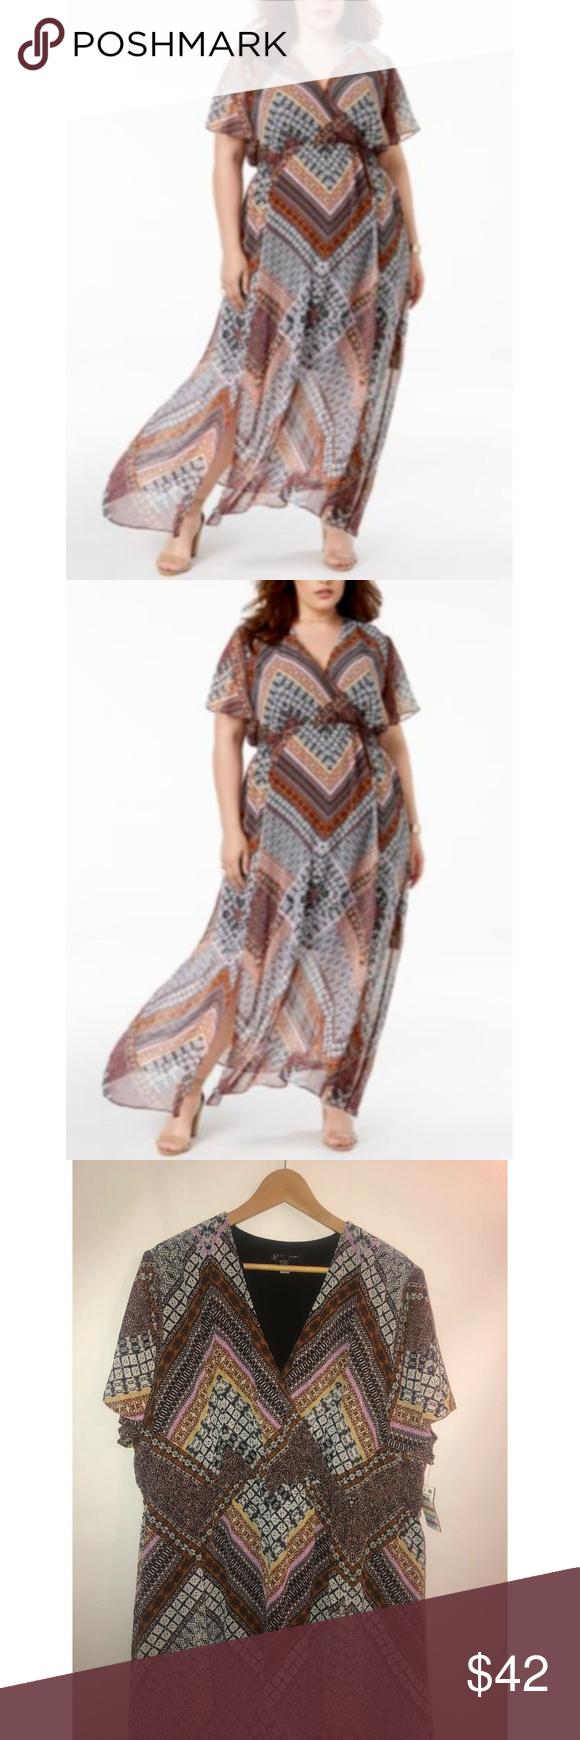 Inc International Concepts Size 3x Maxi Dress Inc International Concepts Plus Size Printed Maxi Dres Maxi Dress With Sleeves Dress Sleeve Length Clothes Design [ 1740 x 580 Pixel ]